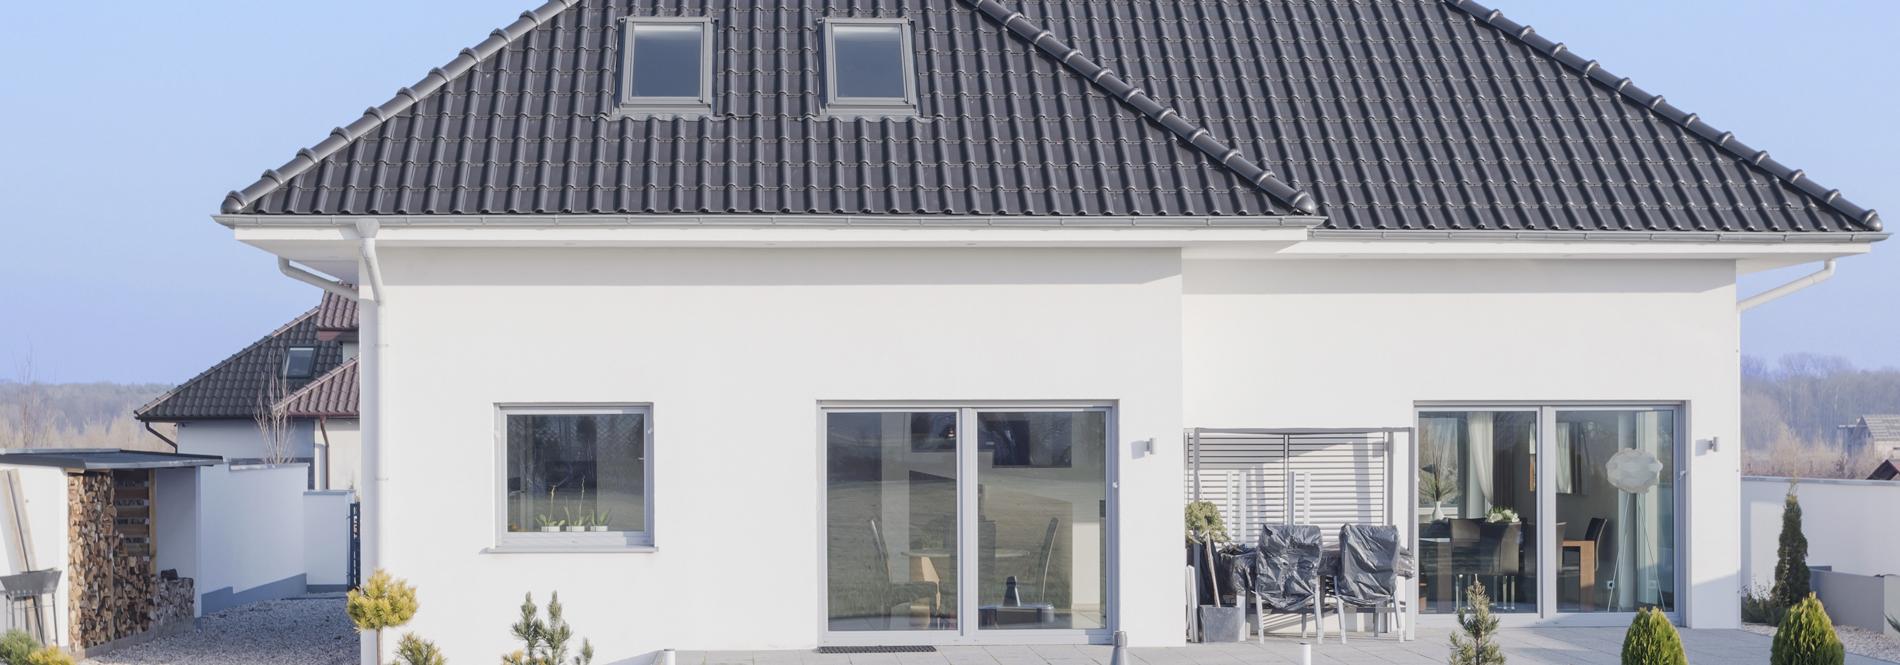 bungalow-loft-conversion-cost